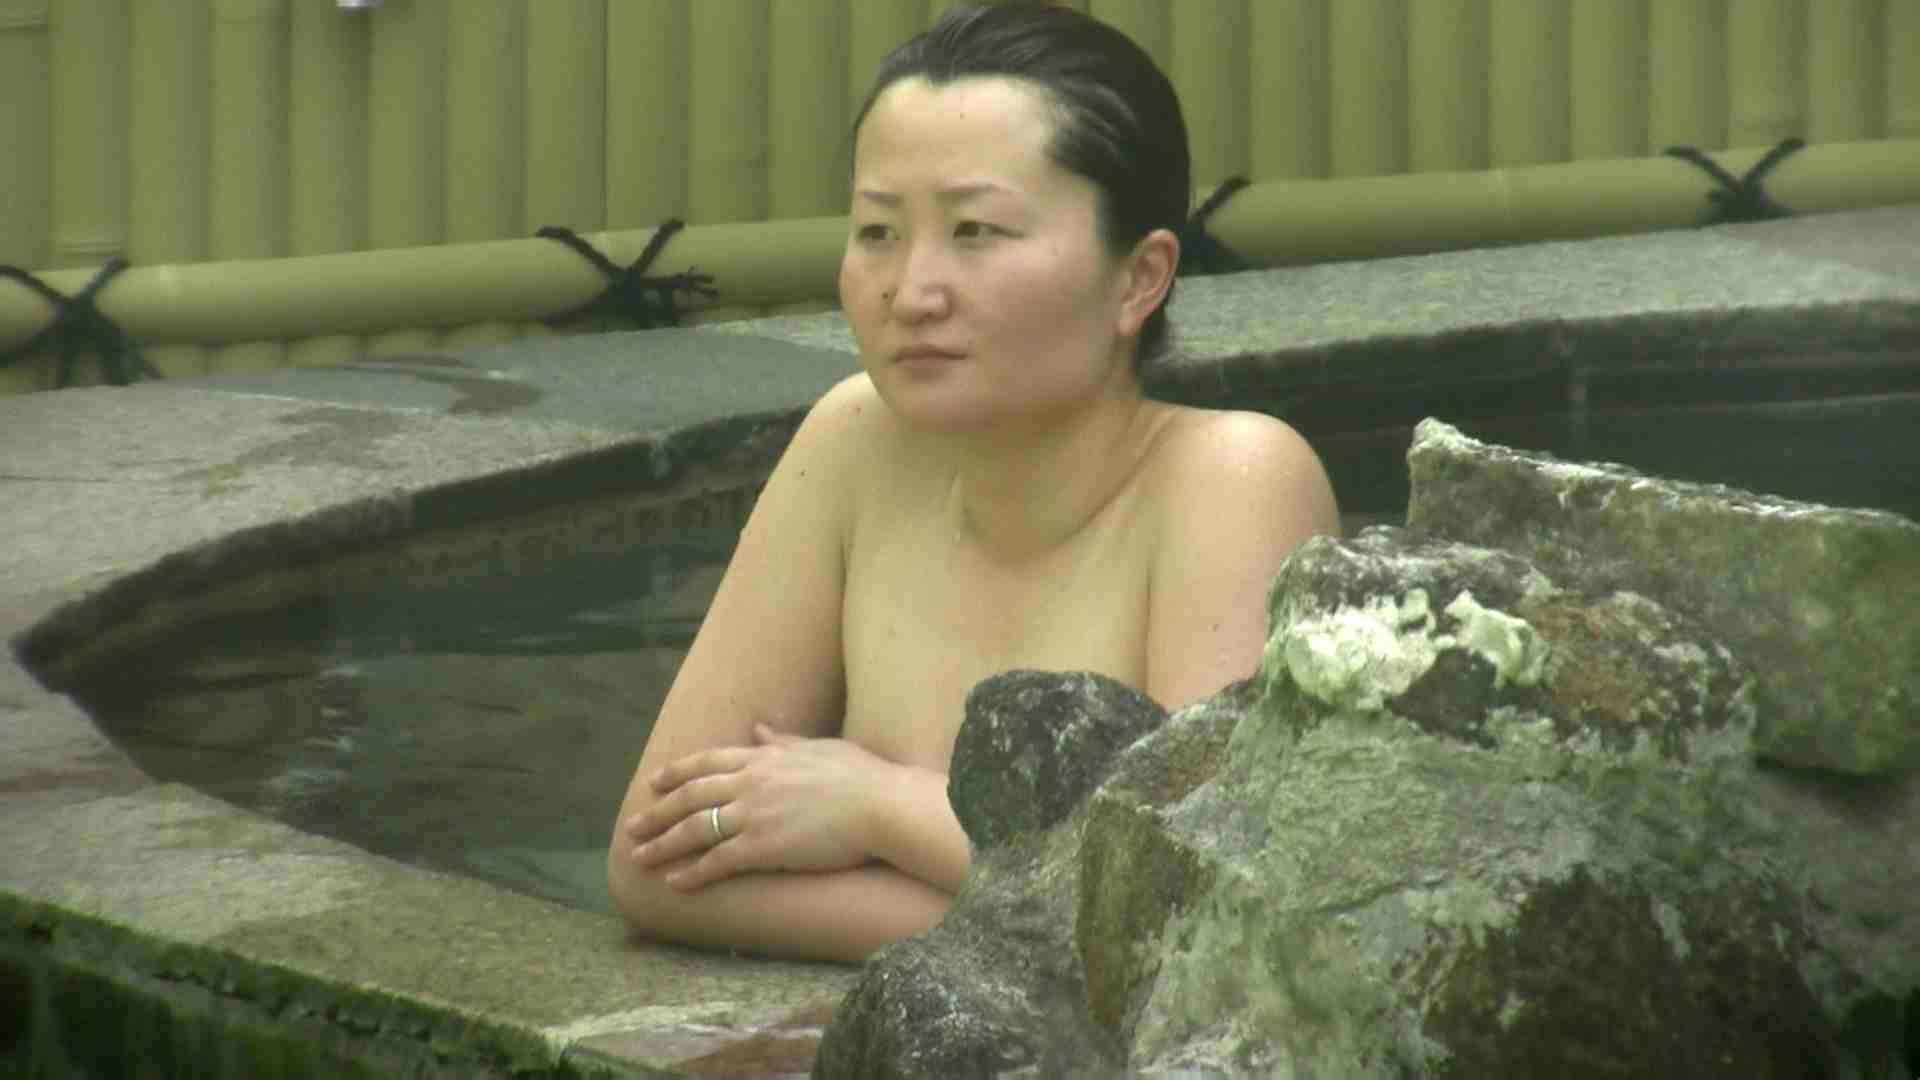 Aquaな露天風呂Vol.632 女体盗撮  75連発 72